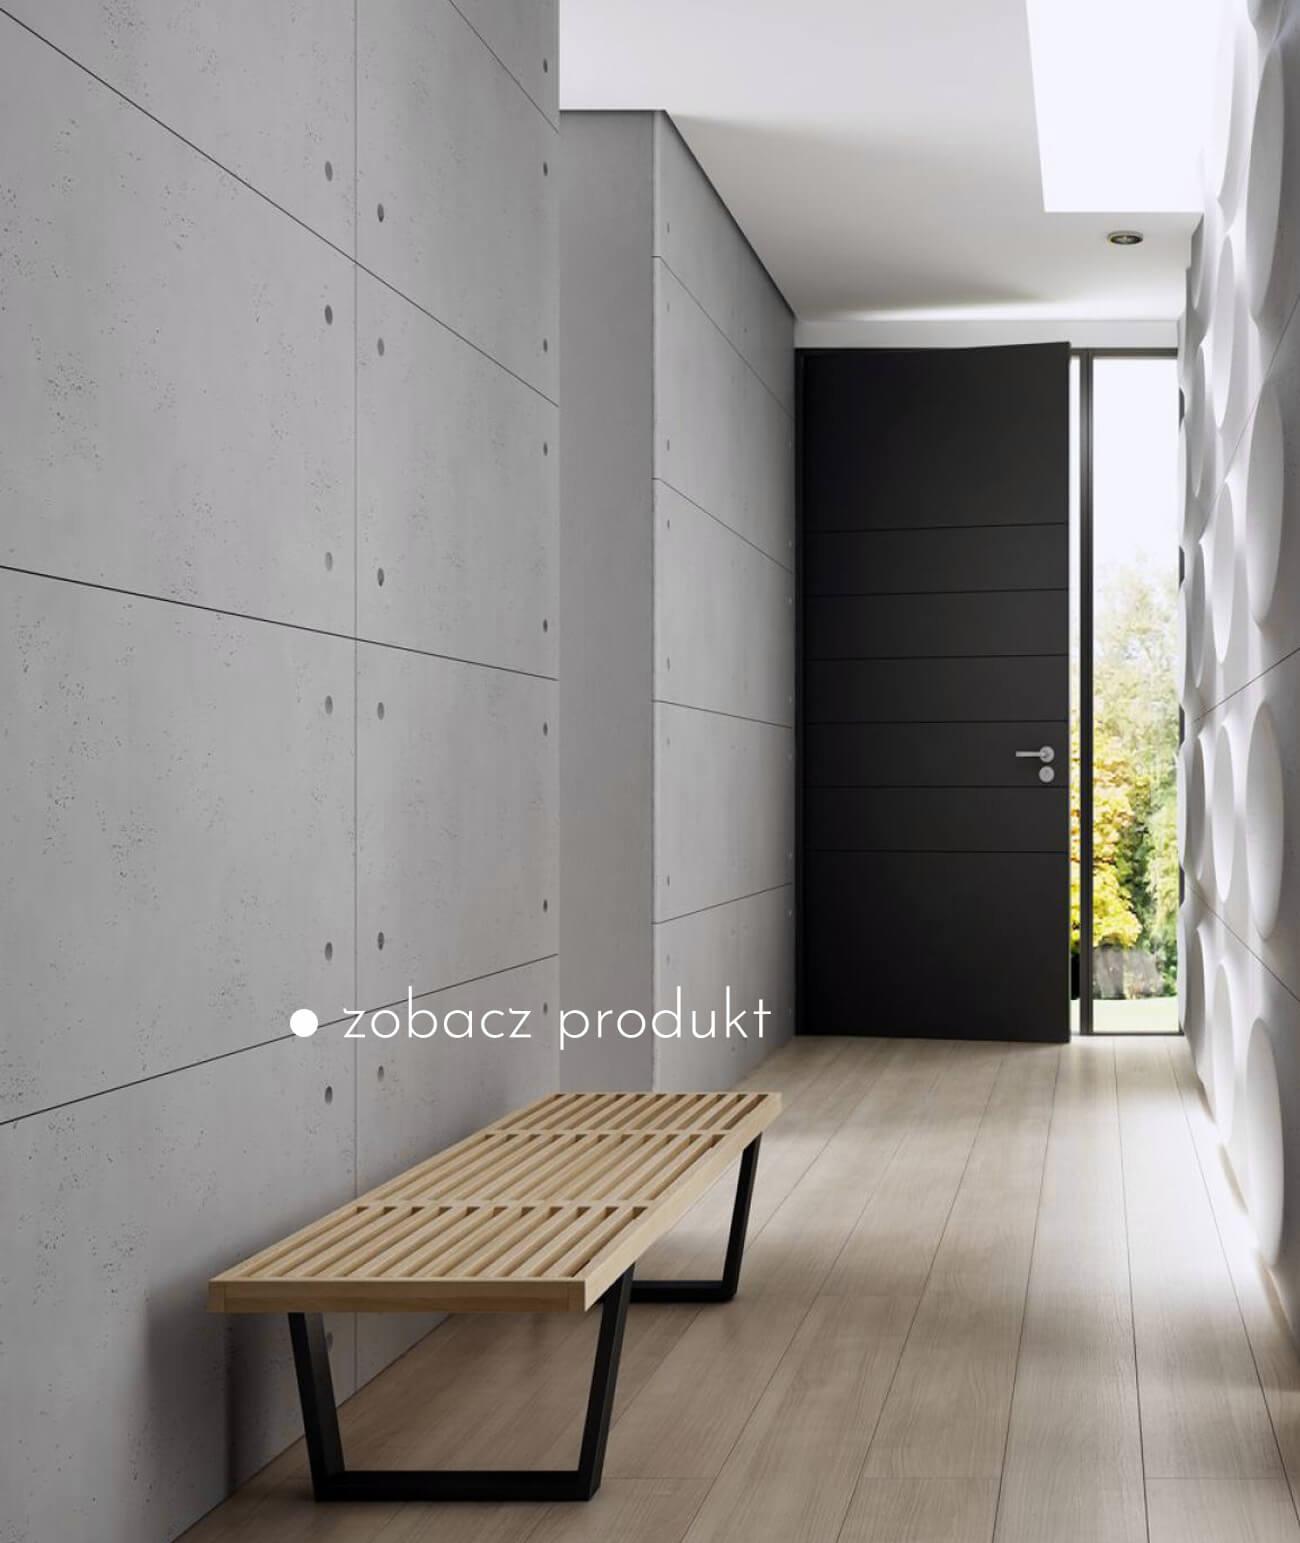 panele-betonowe-3d-scienne-i-elewacyjne-beton-architektoniczny_919-20171-pb30-s51-ciemny-szary-mysi-standard---panel-dekor-3d-beton-architektoniczny-panel-scienny